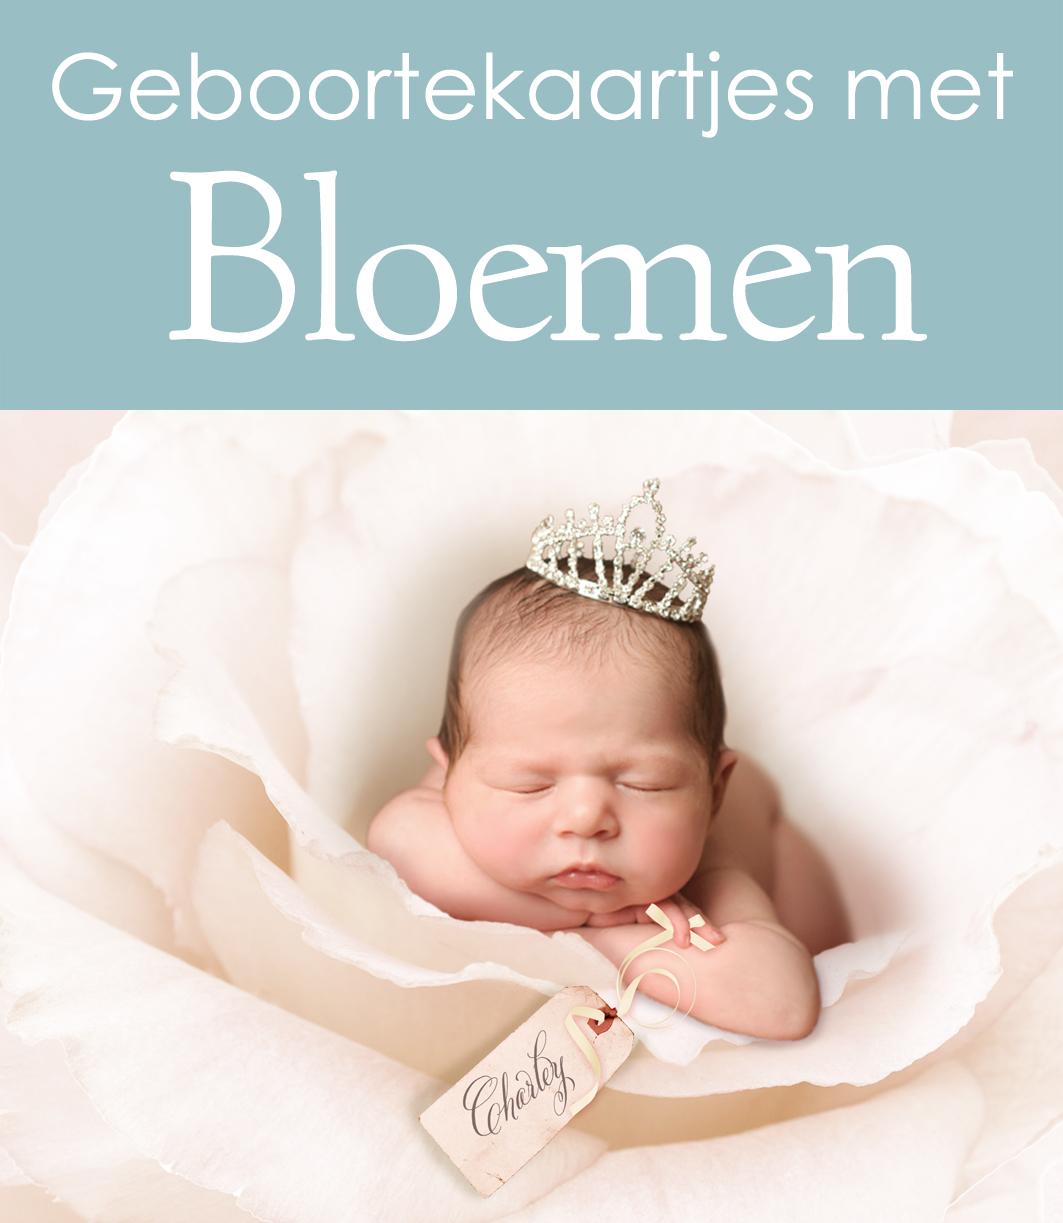 Geboortekaartjes met bloemen